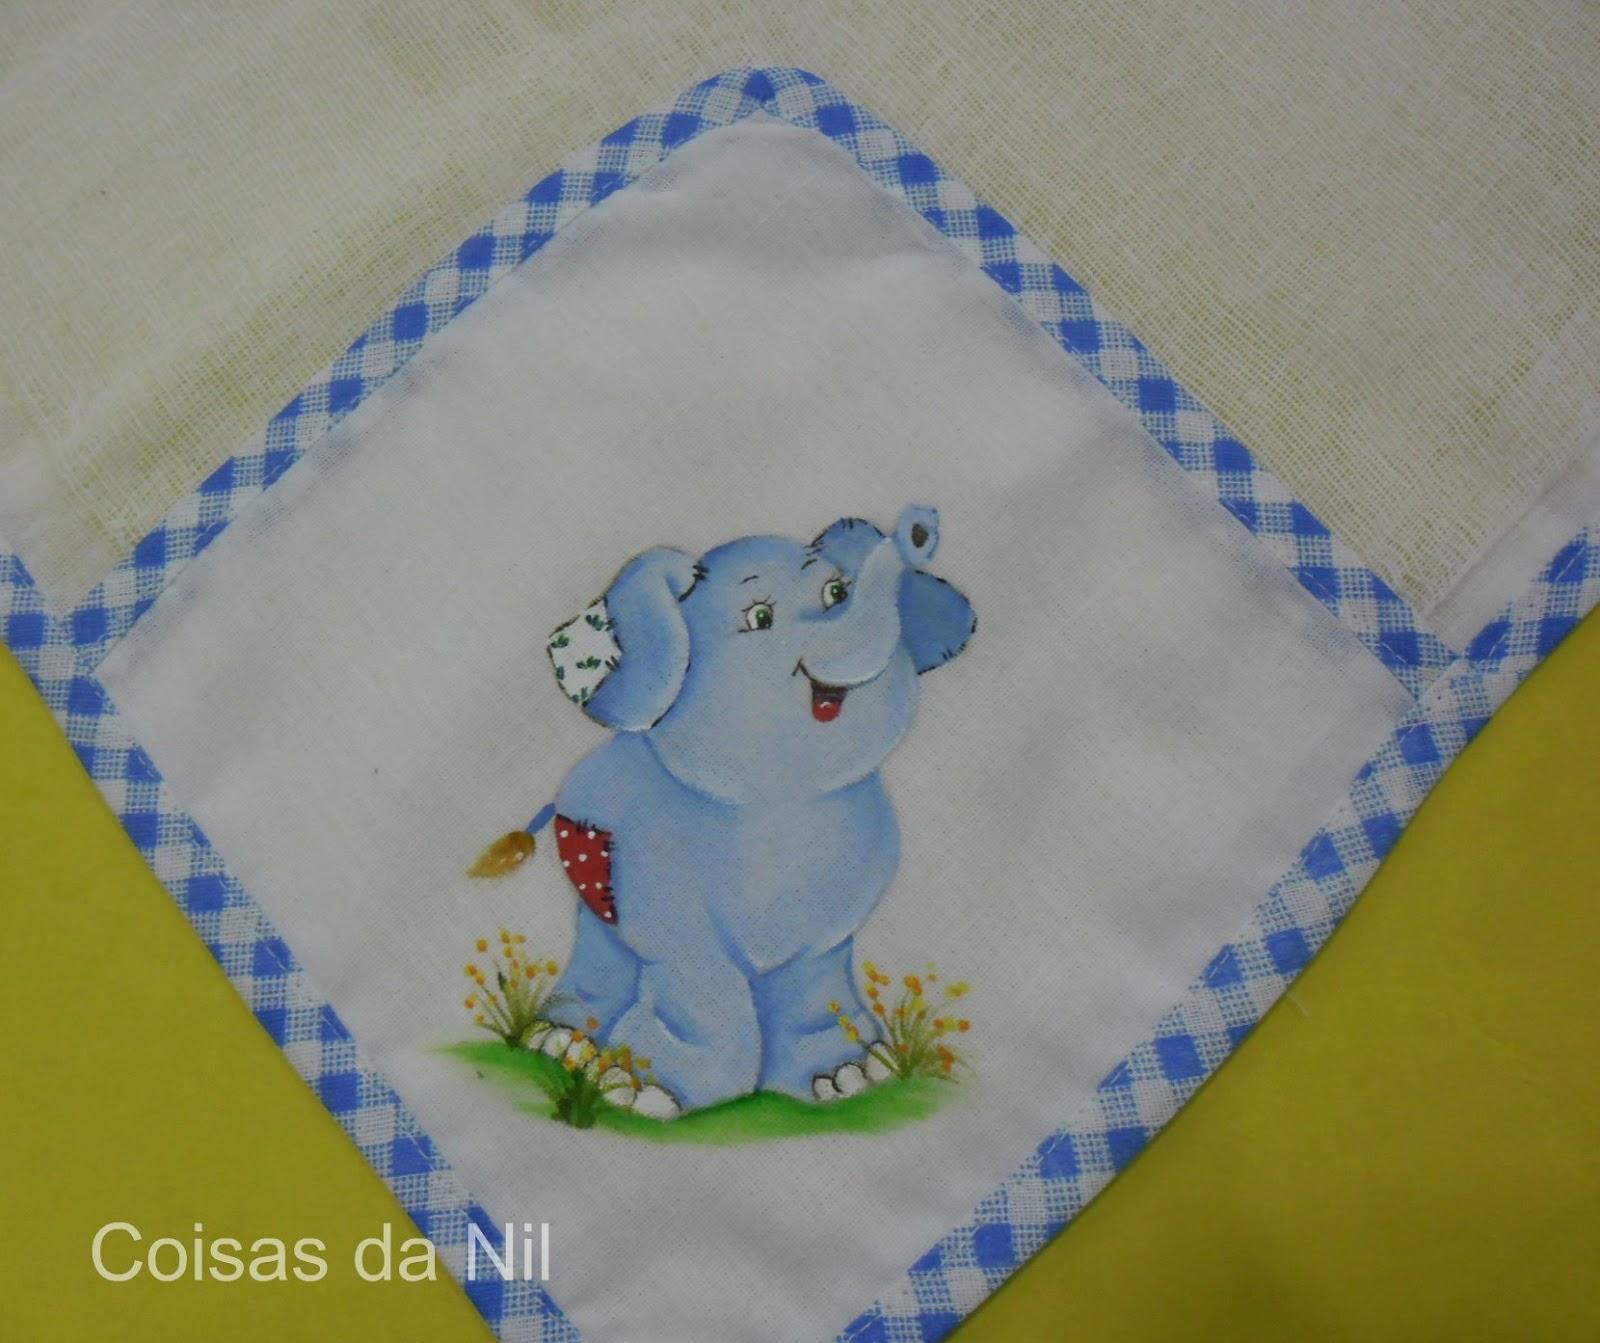 Coisas da nil pintura em tecido elefantinhos - Pintura infantil pared ...